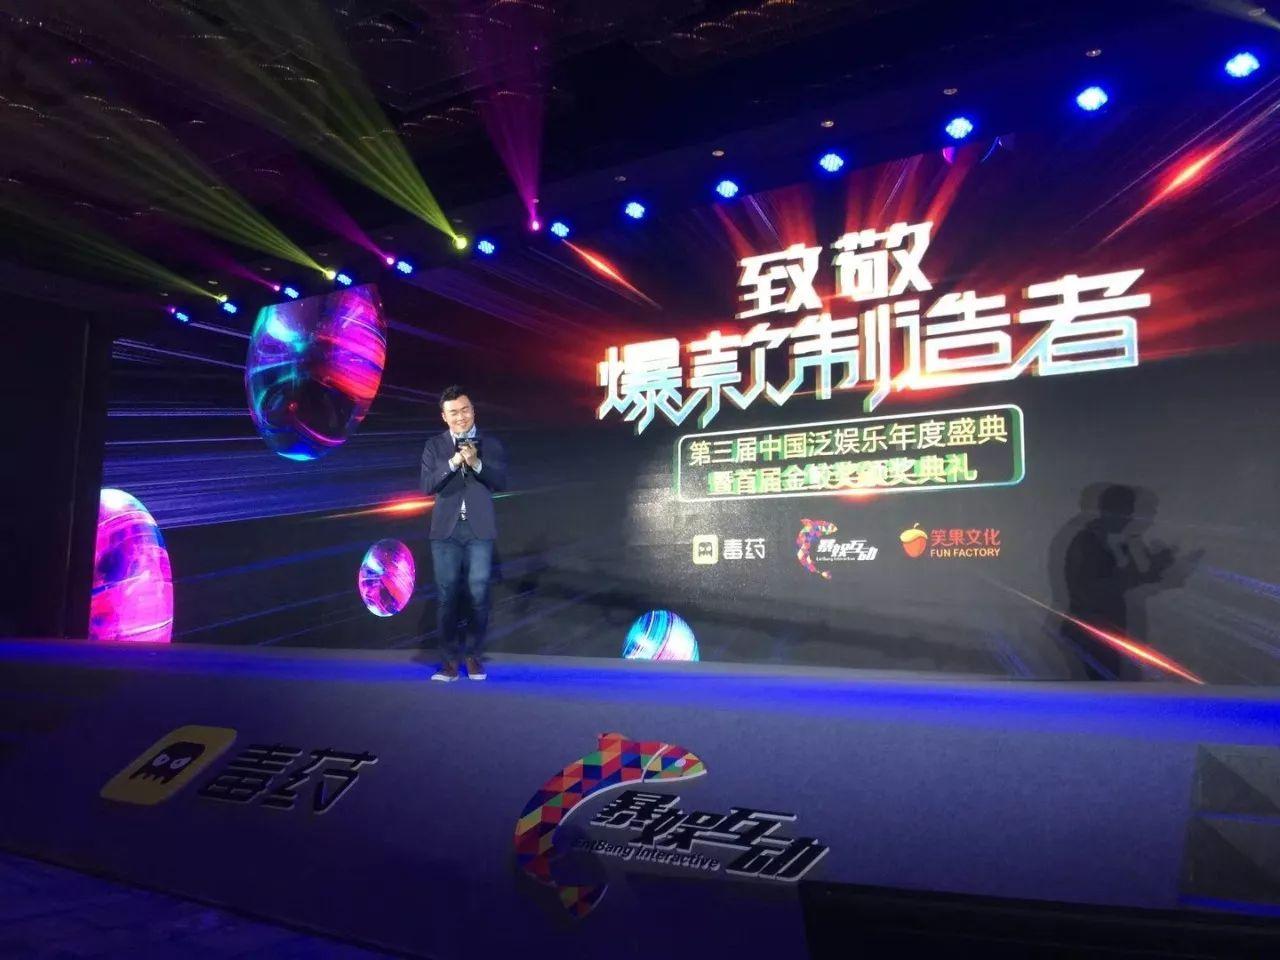 映美传媒一举斩获第三届中国泛娱乐年度盛典公司、项目两项大奖